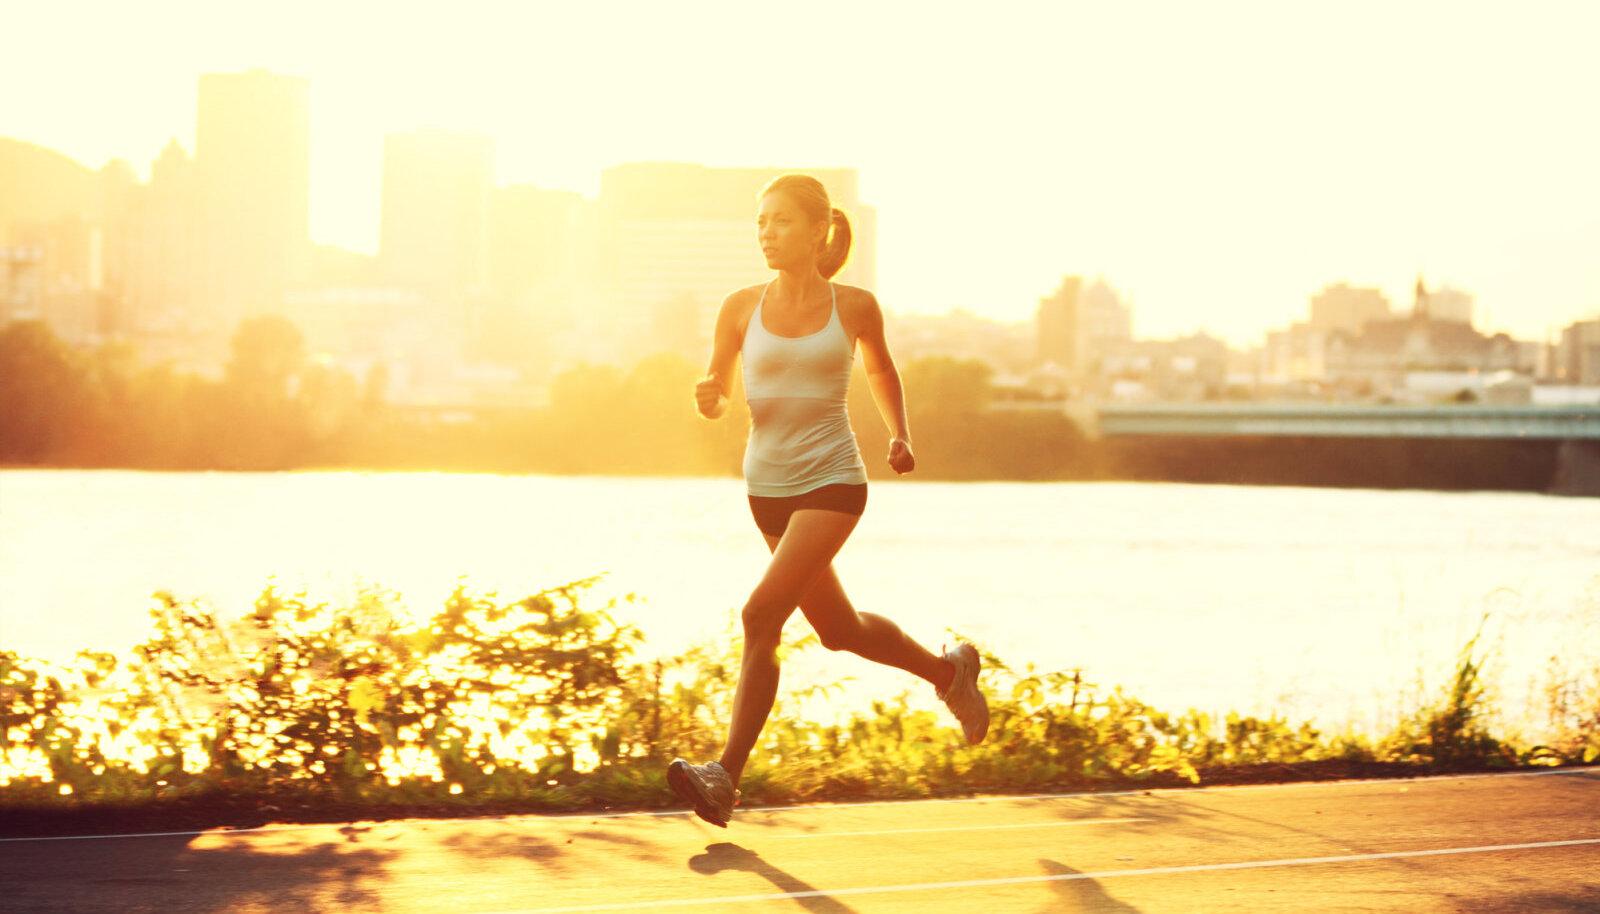 Kui me räägime tervisest, siis räägime igast rakust, igast energiast, igast tahust oma inimeseks olemises